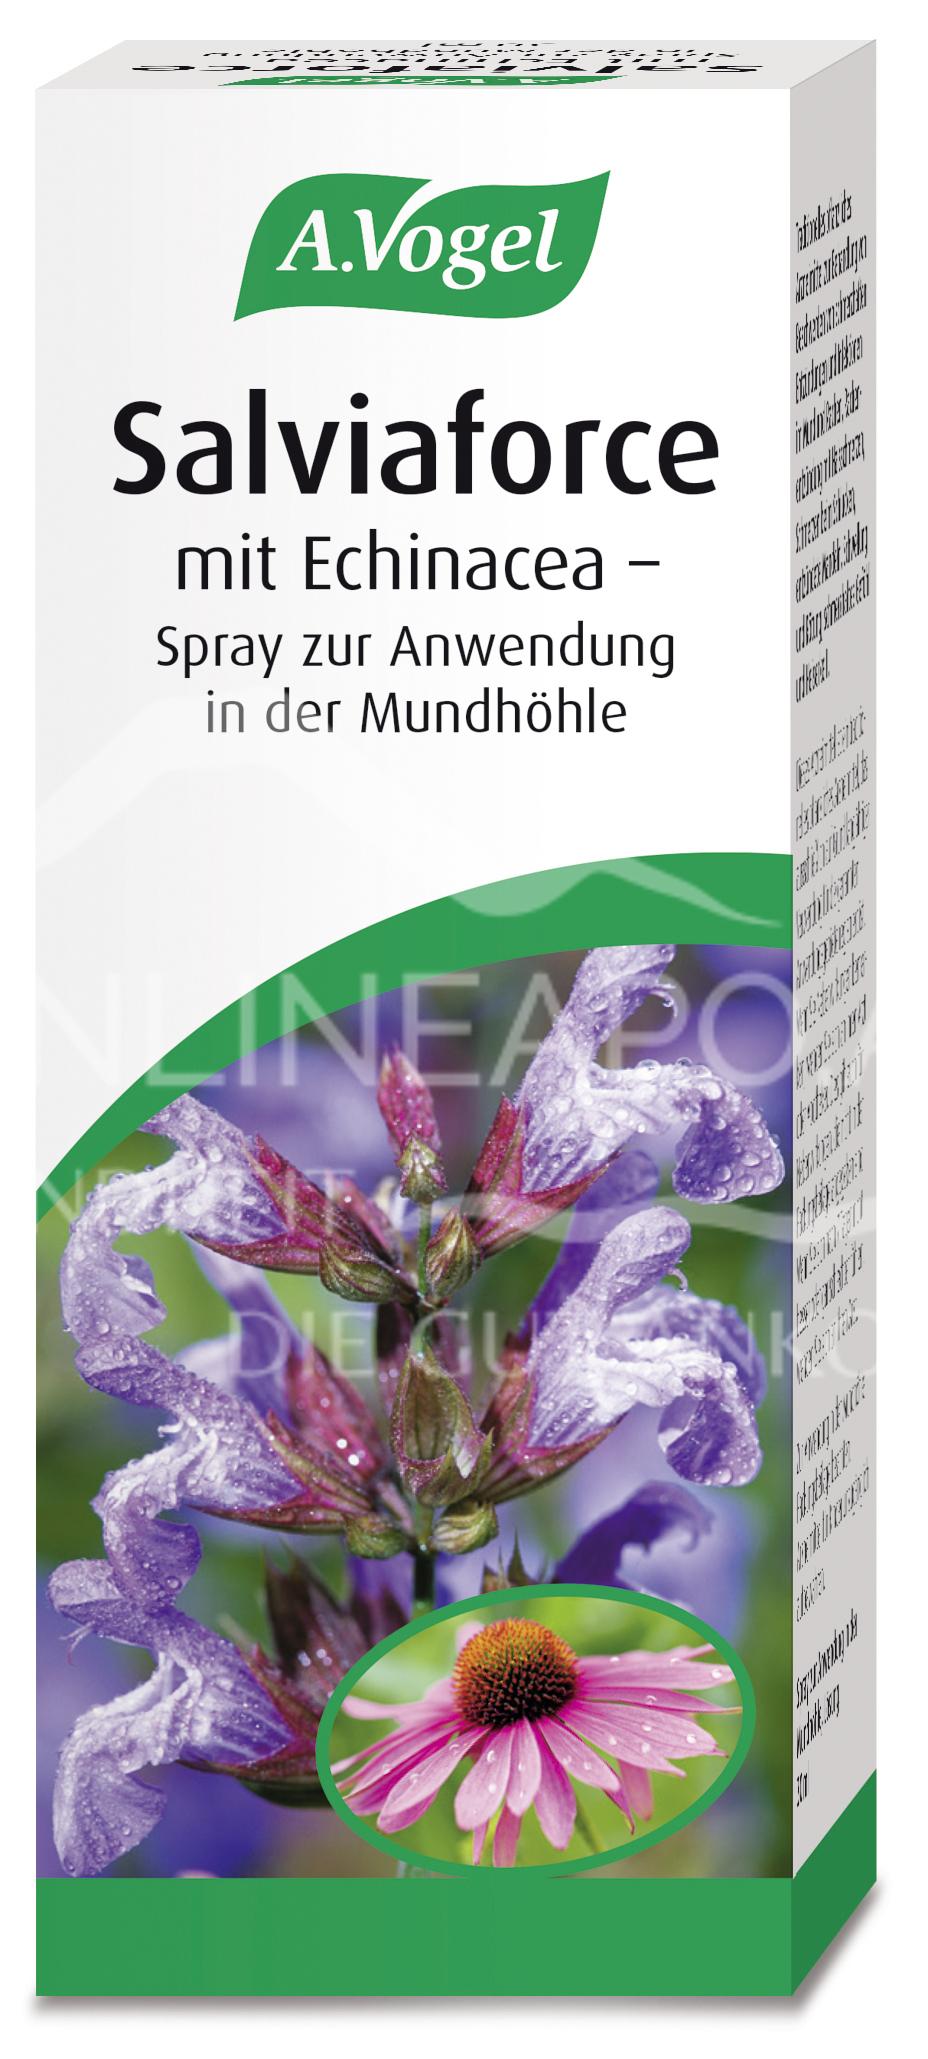 A.Vogel Salviaforce mit Echinacea Spray zur Anwendung in der Mundhöhle